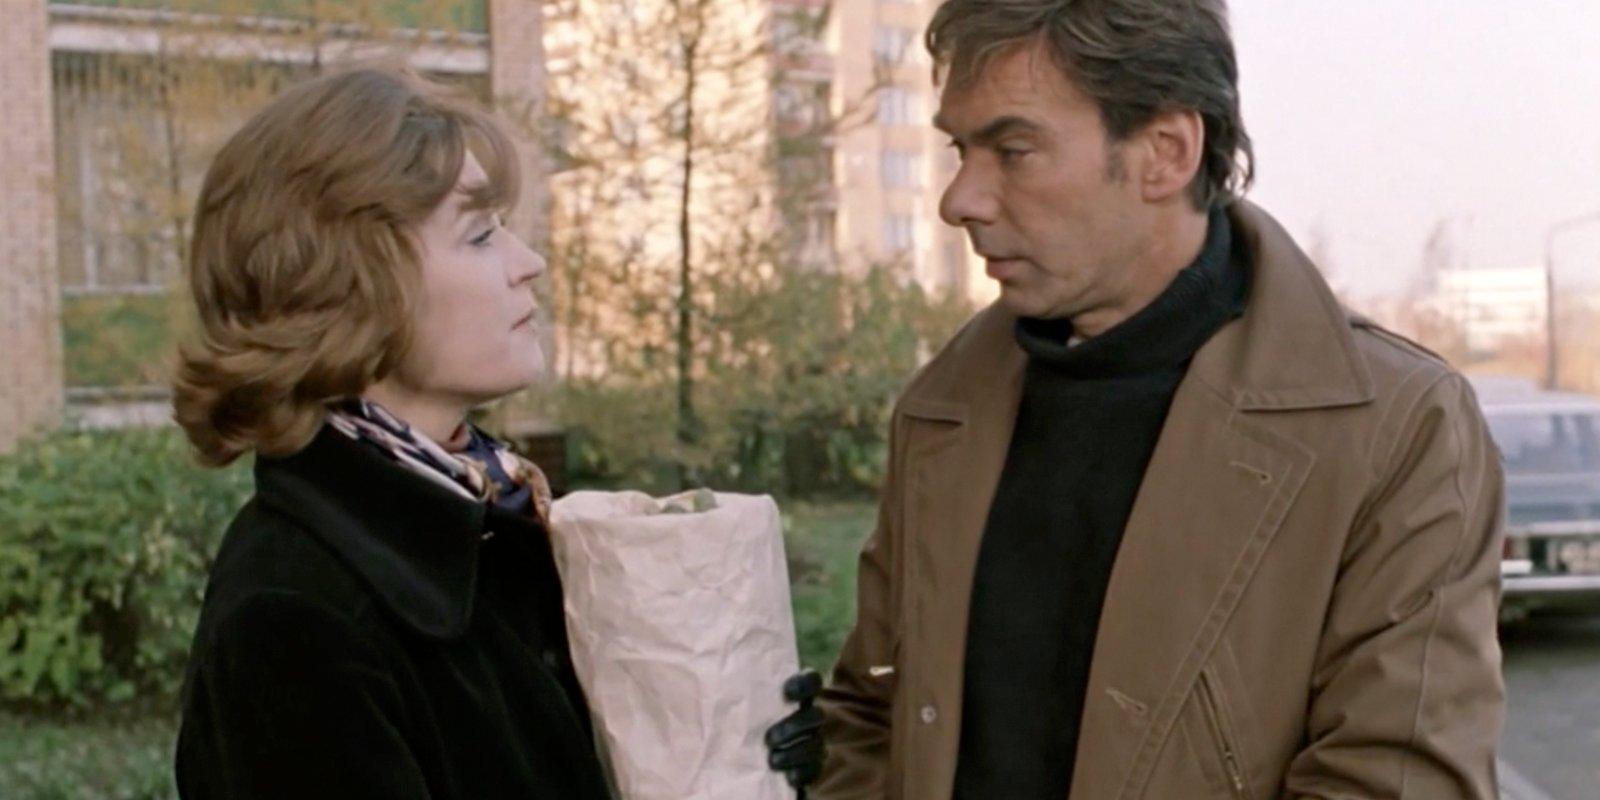 Кадр из фильма «Москва слезам не верит». Режиссер В. Меньшов. 1979 год